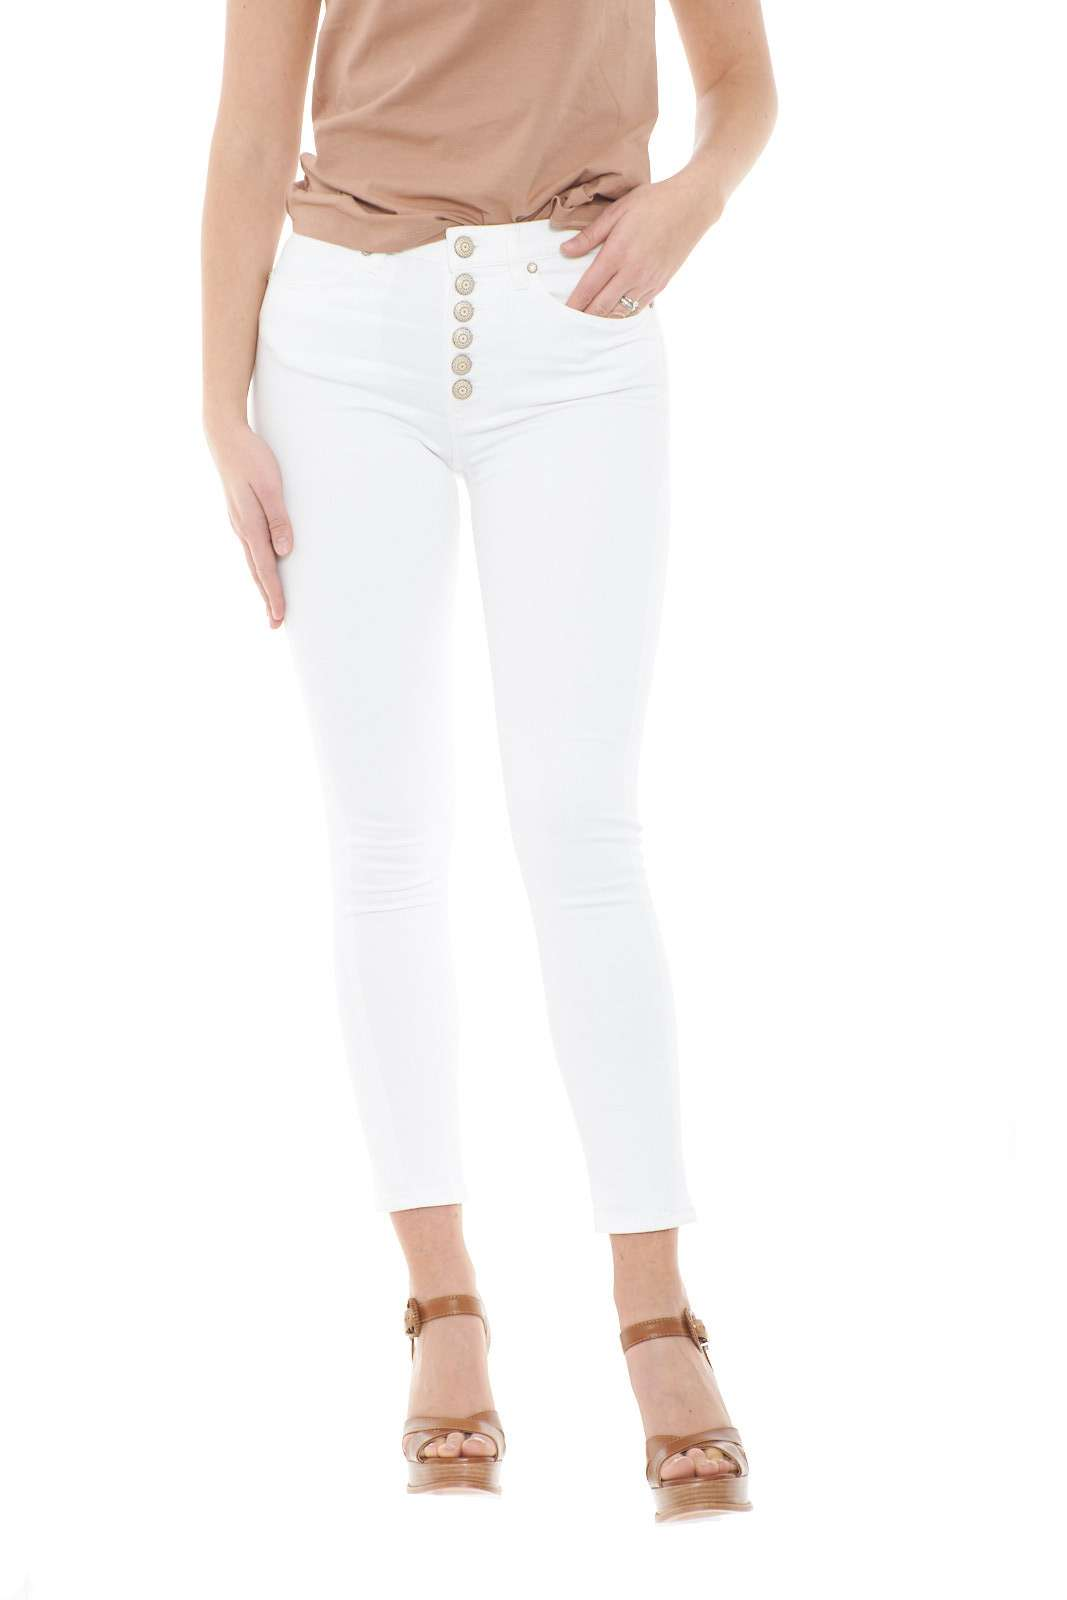 Lasciati conquistare dal nuovo jeans donna Iris in bull stretch denim firmato dalla collezione primavera estate di Dondup. caratterizzato dalla vita alta e dall'iconica bottoniera con bottoni gioiello, si impone per stile e comodità. La vestibilità extra skinny definisce la silhouette e li rende preziosi e versatili.